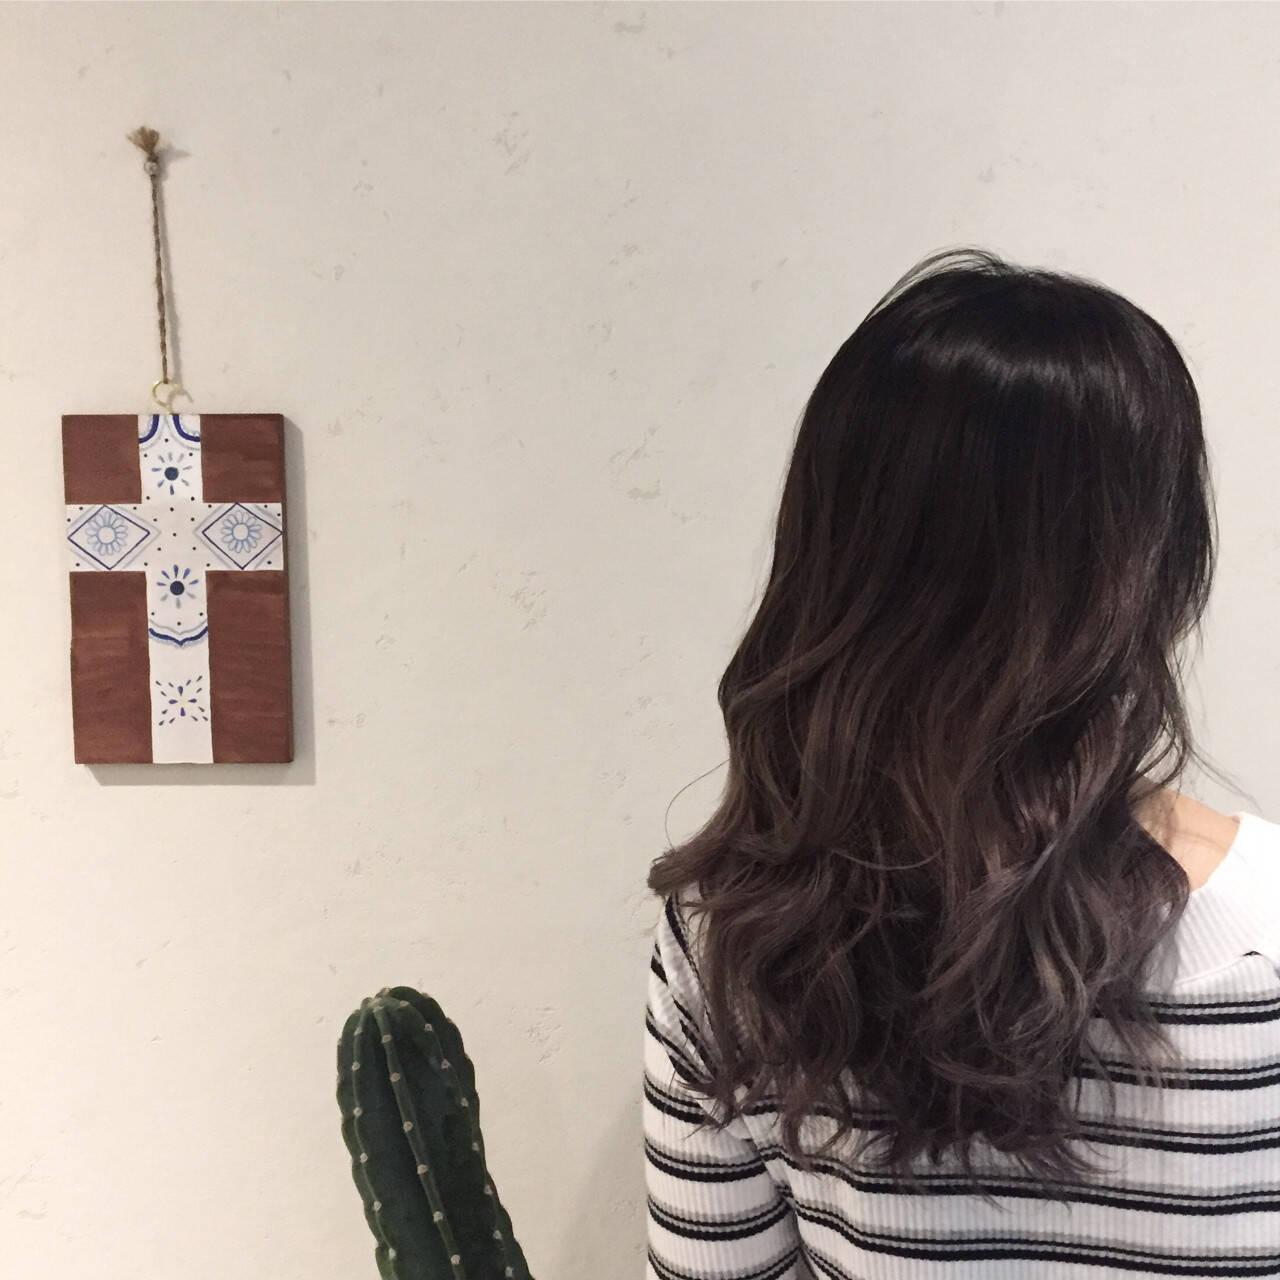 セミロング アウトドア ナチュラル 涼しげヘアスタイルや髪型の写真・画像